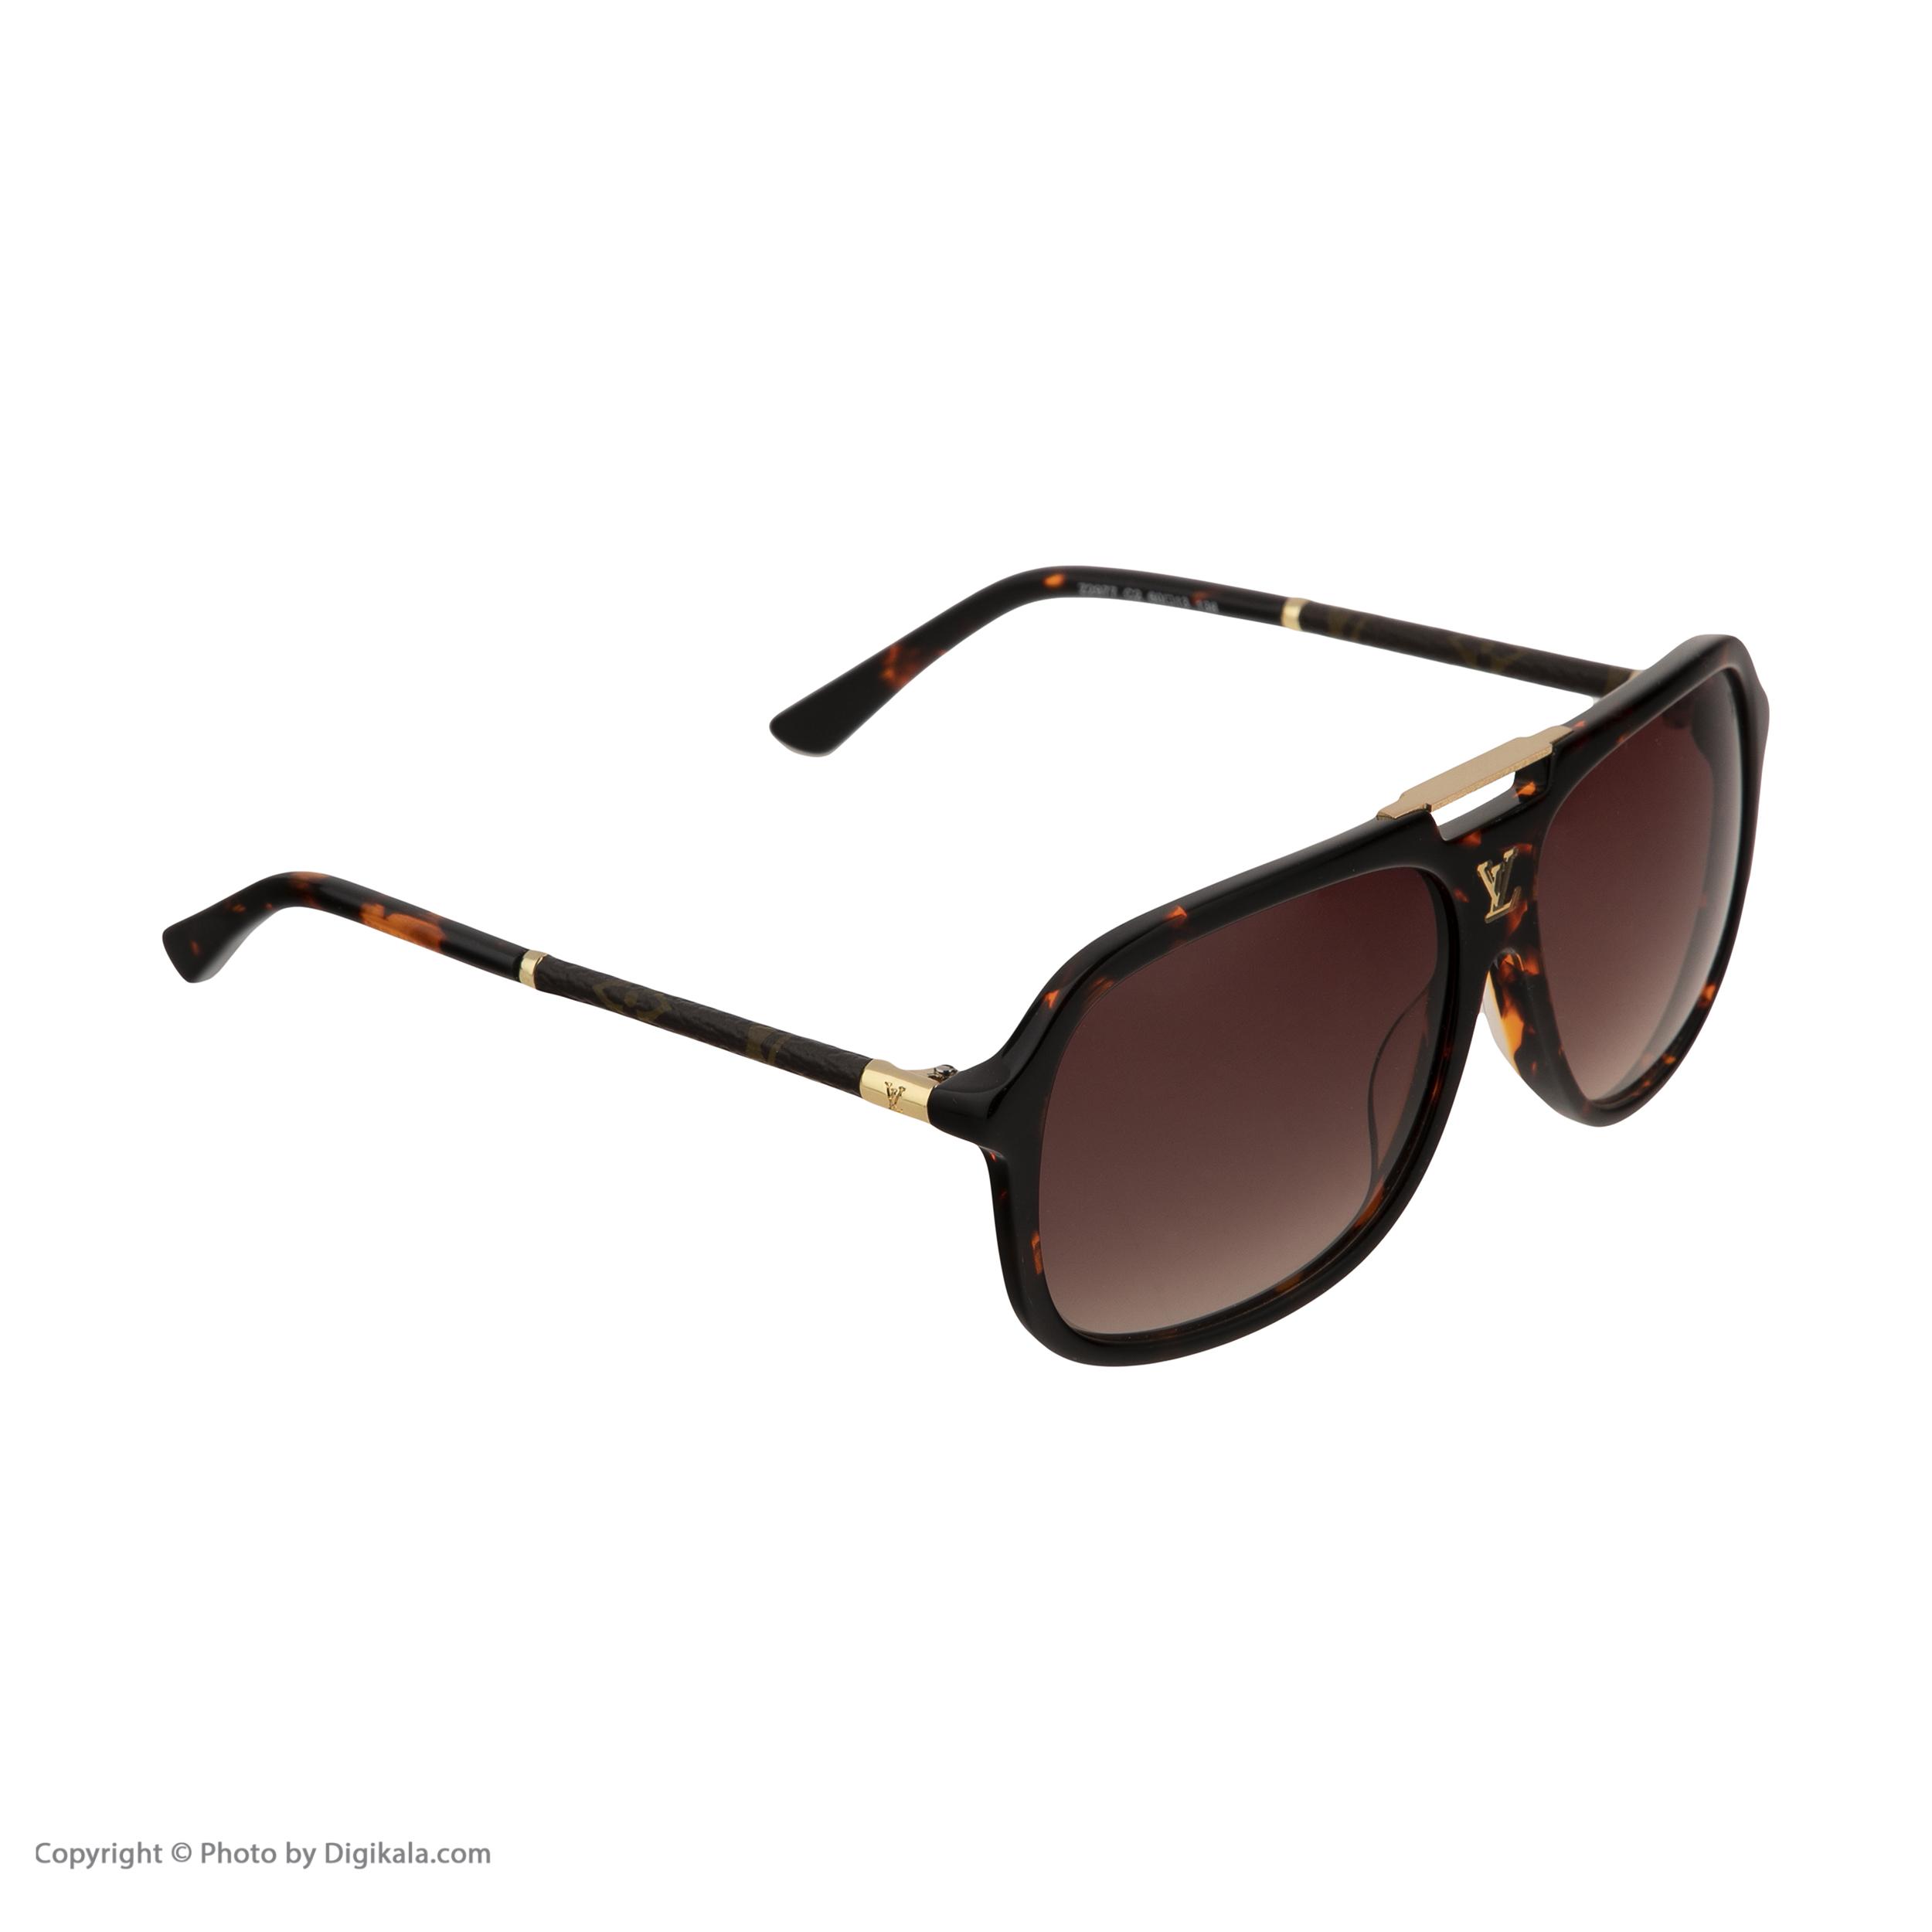 عینک آفتابی لویی ویتون مدل 2977 -  - 4